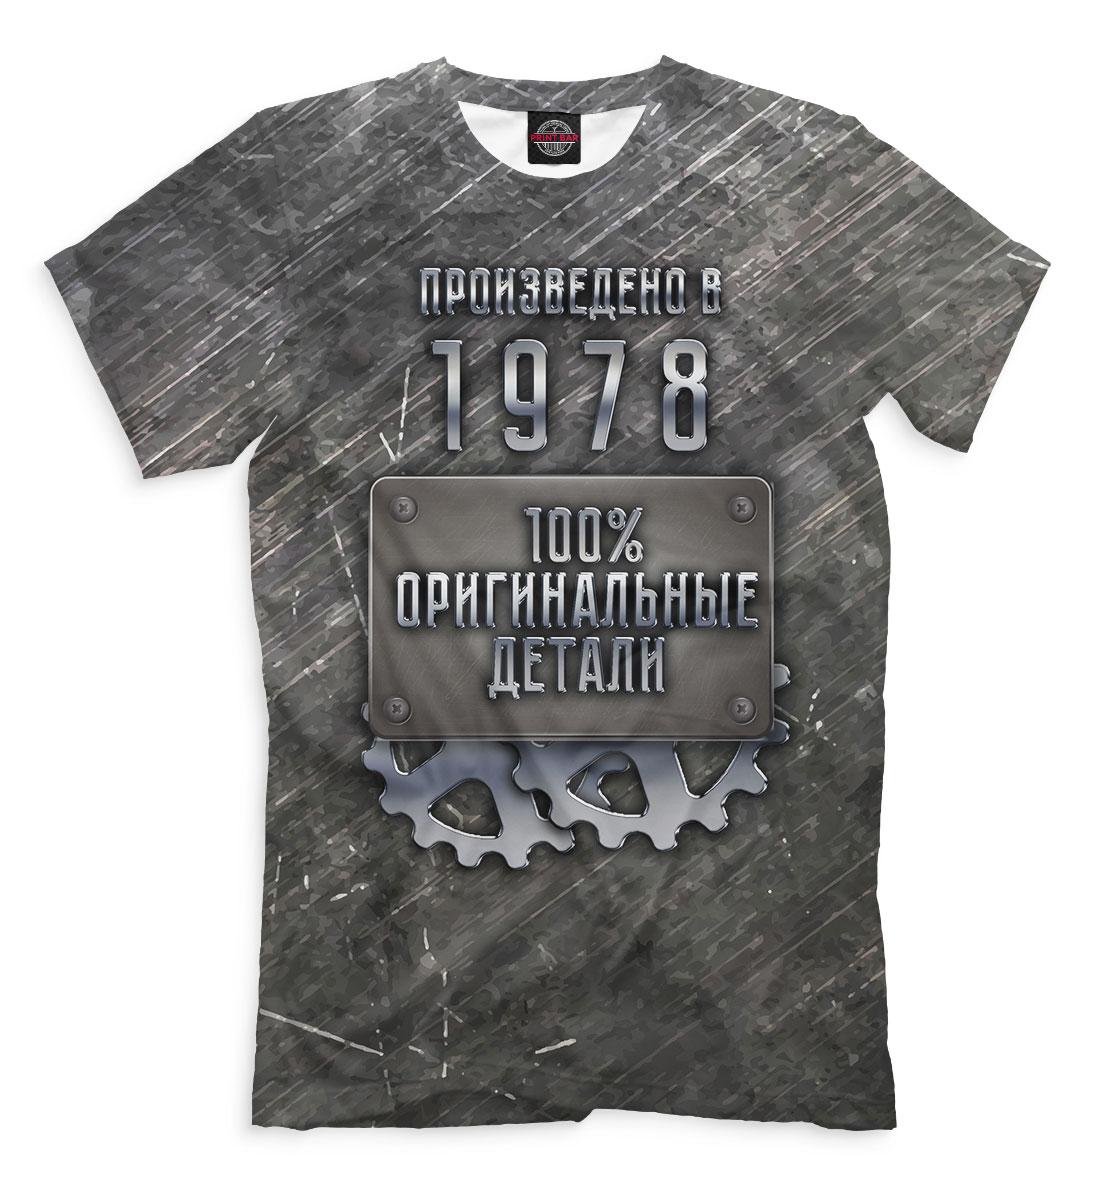 Купить Произведено в 1978, Printbar, Футболки, DSV-288139-fut-2